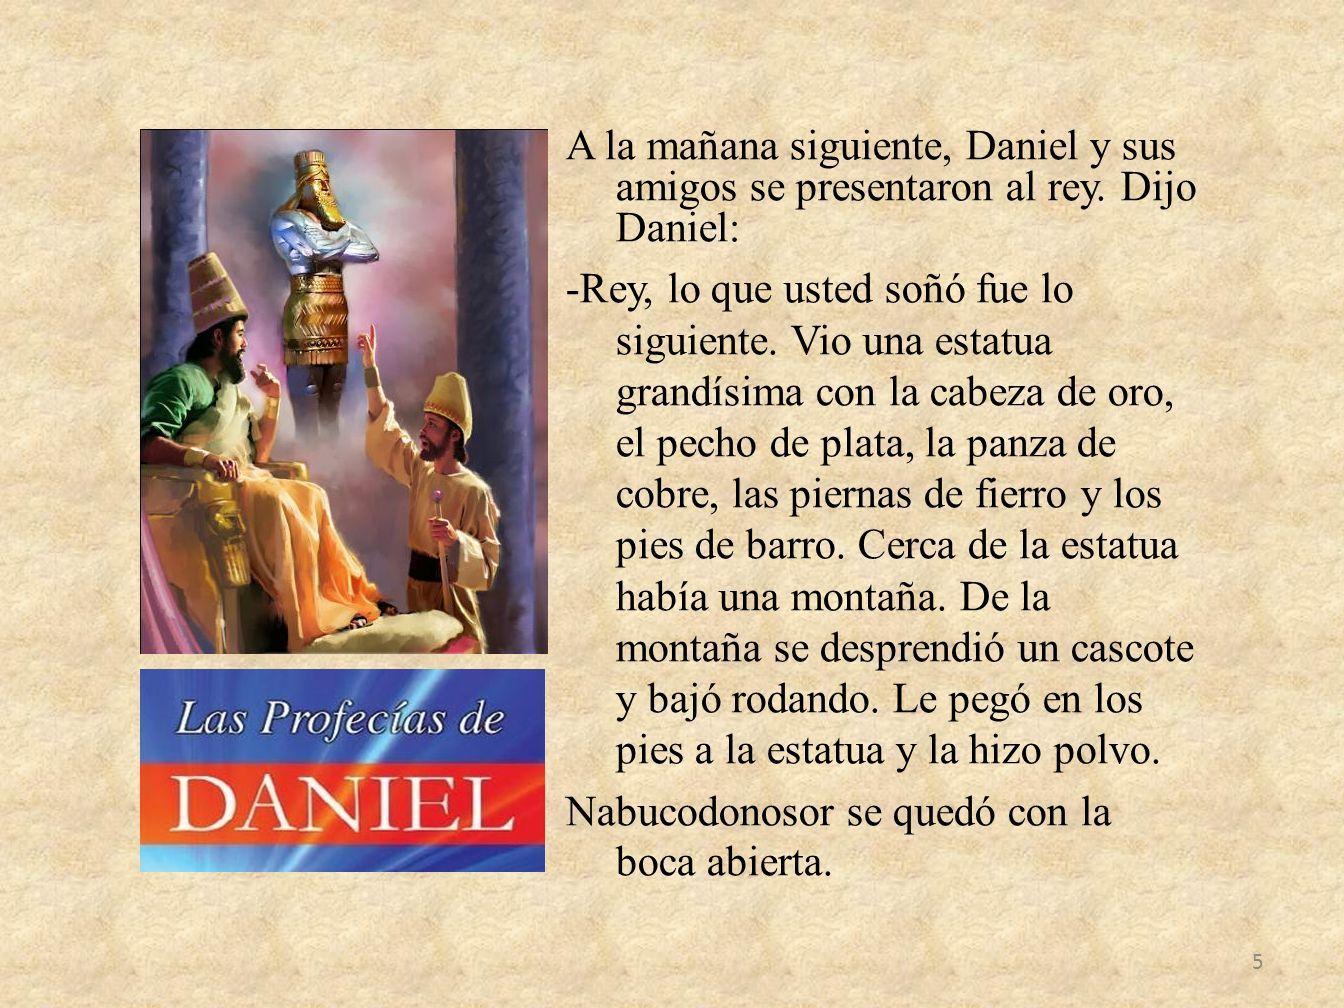 A la mañana siguiente, Daniel y sus amigos se presentaron al rey